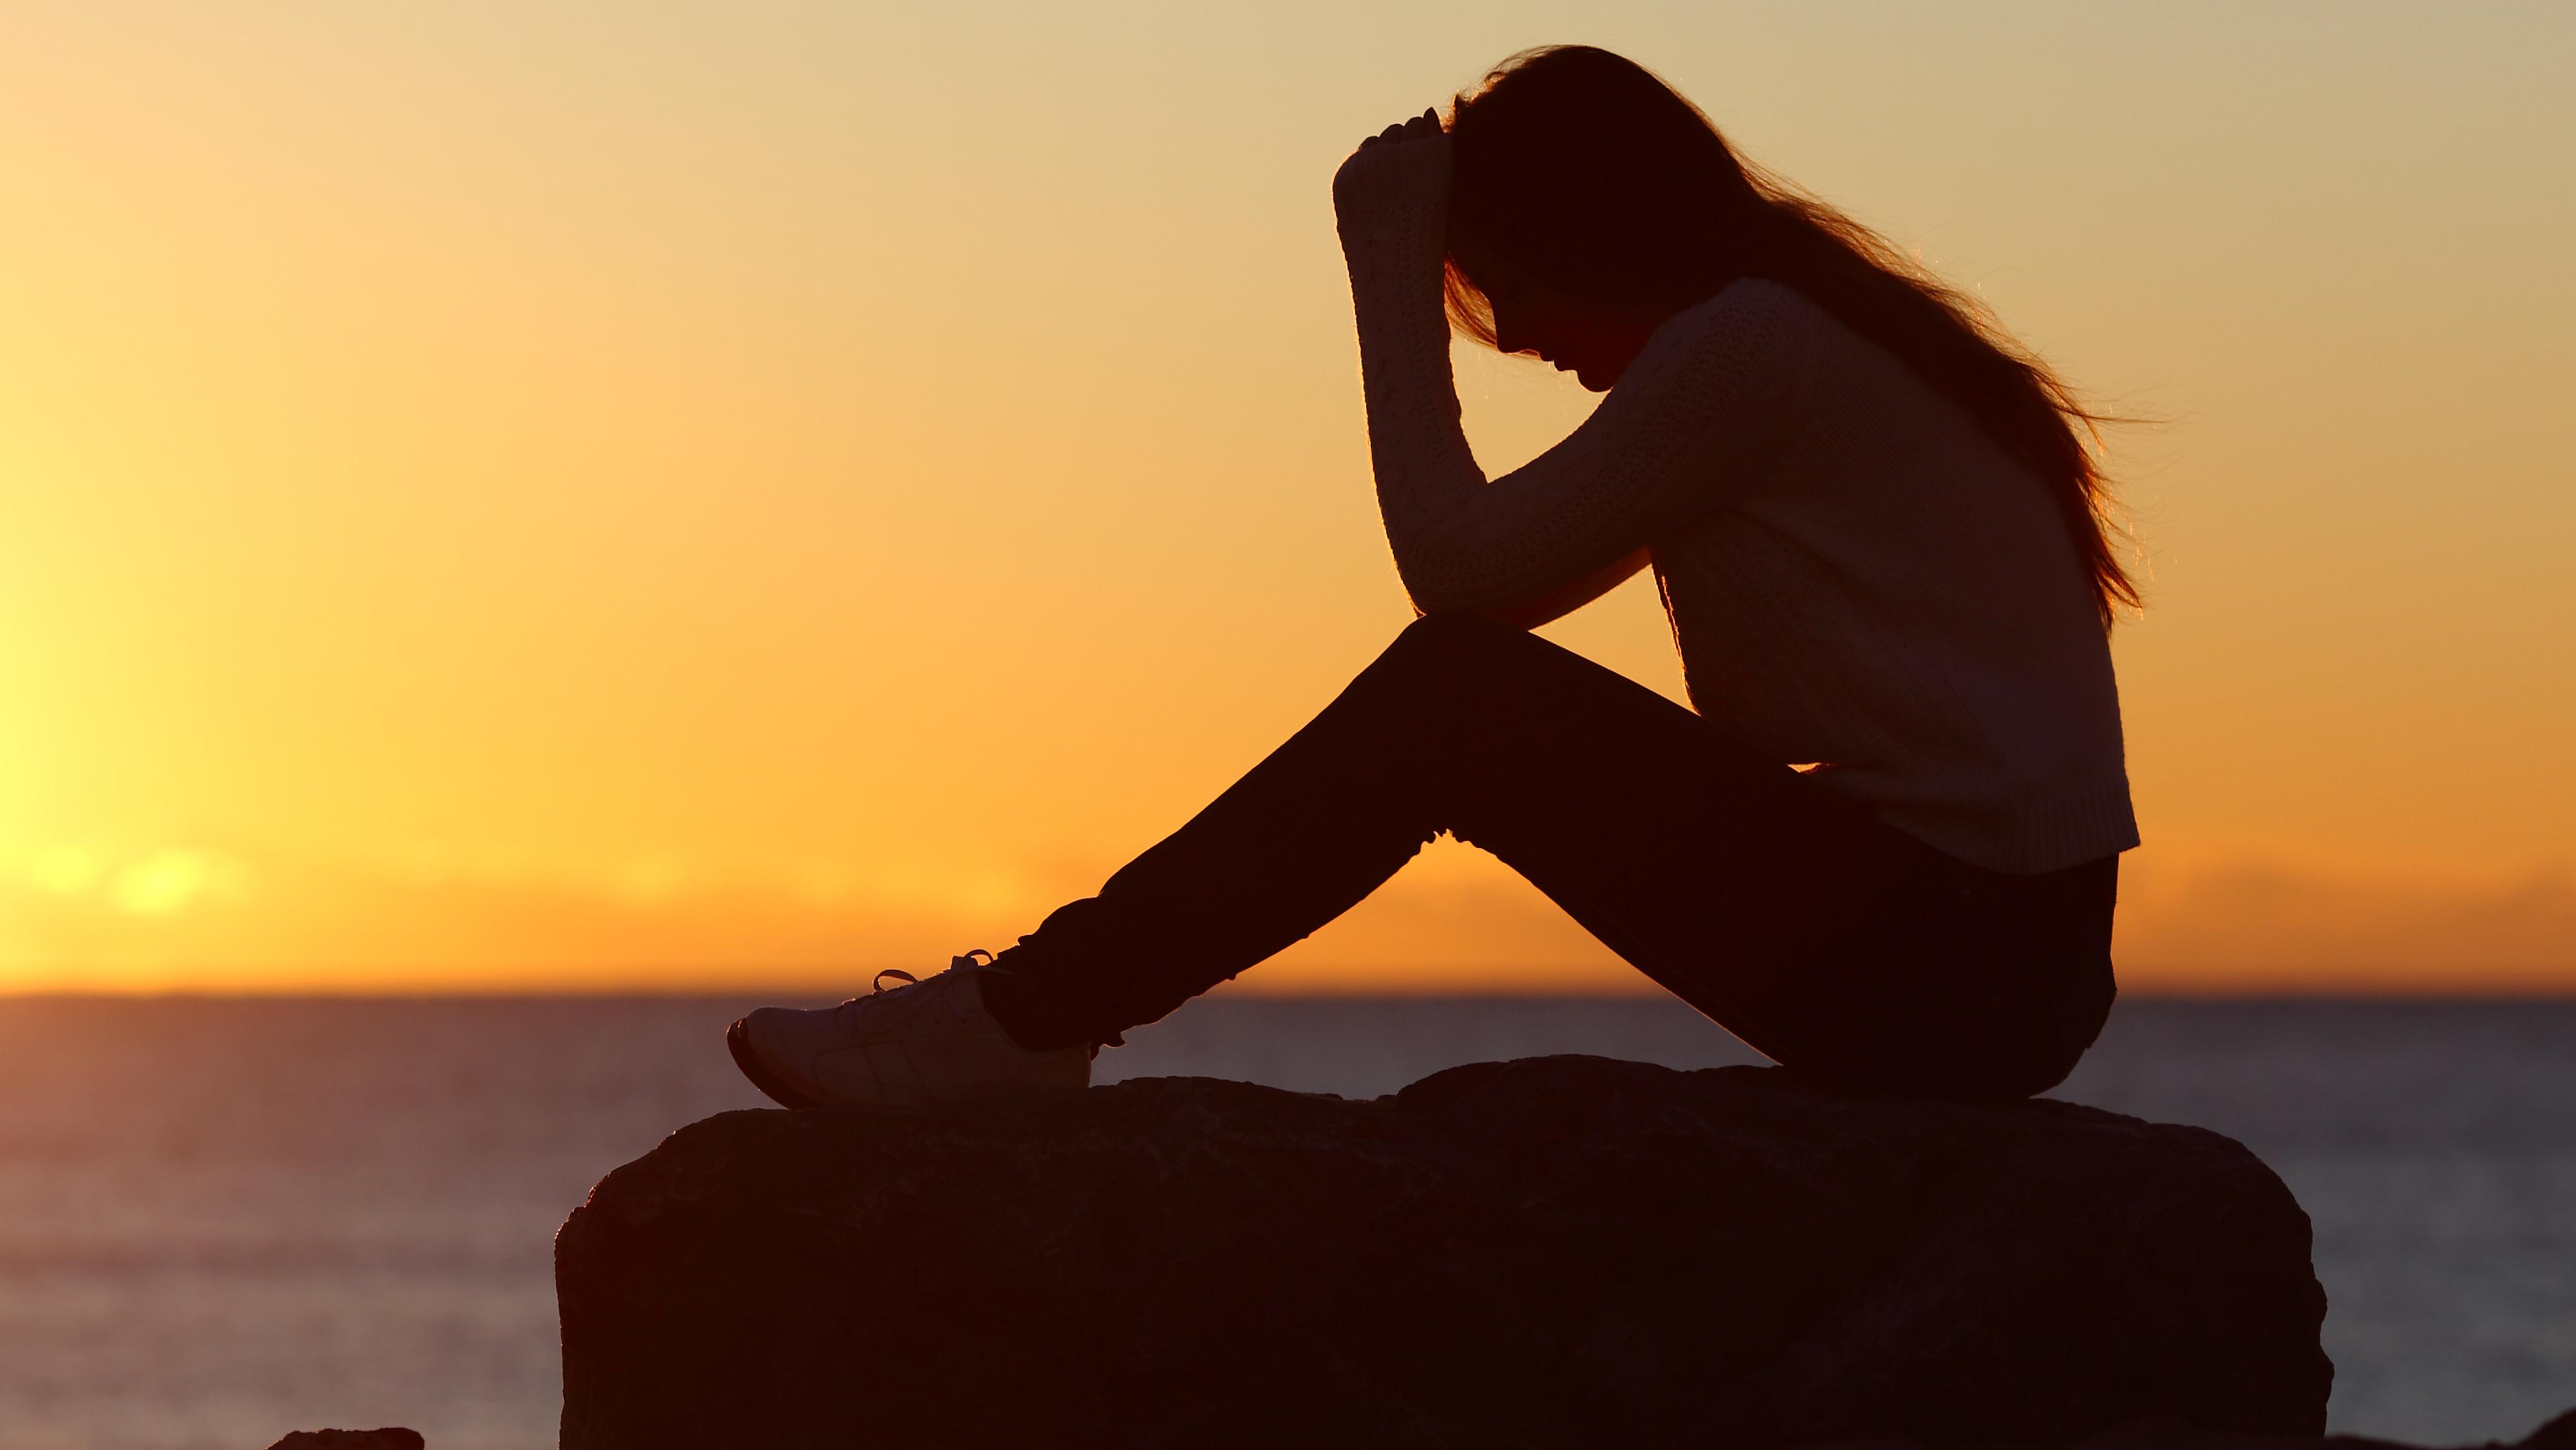 come-superare-la-solitudine